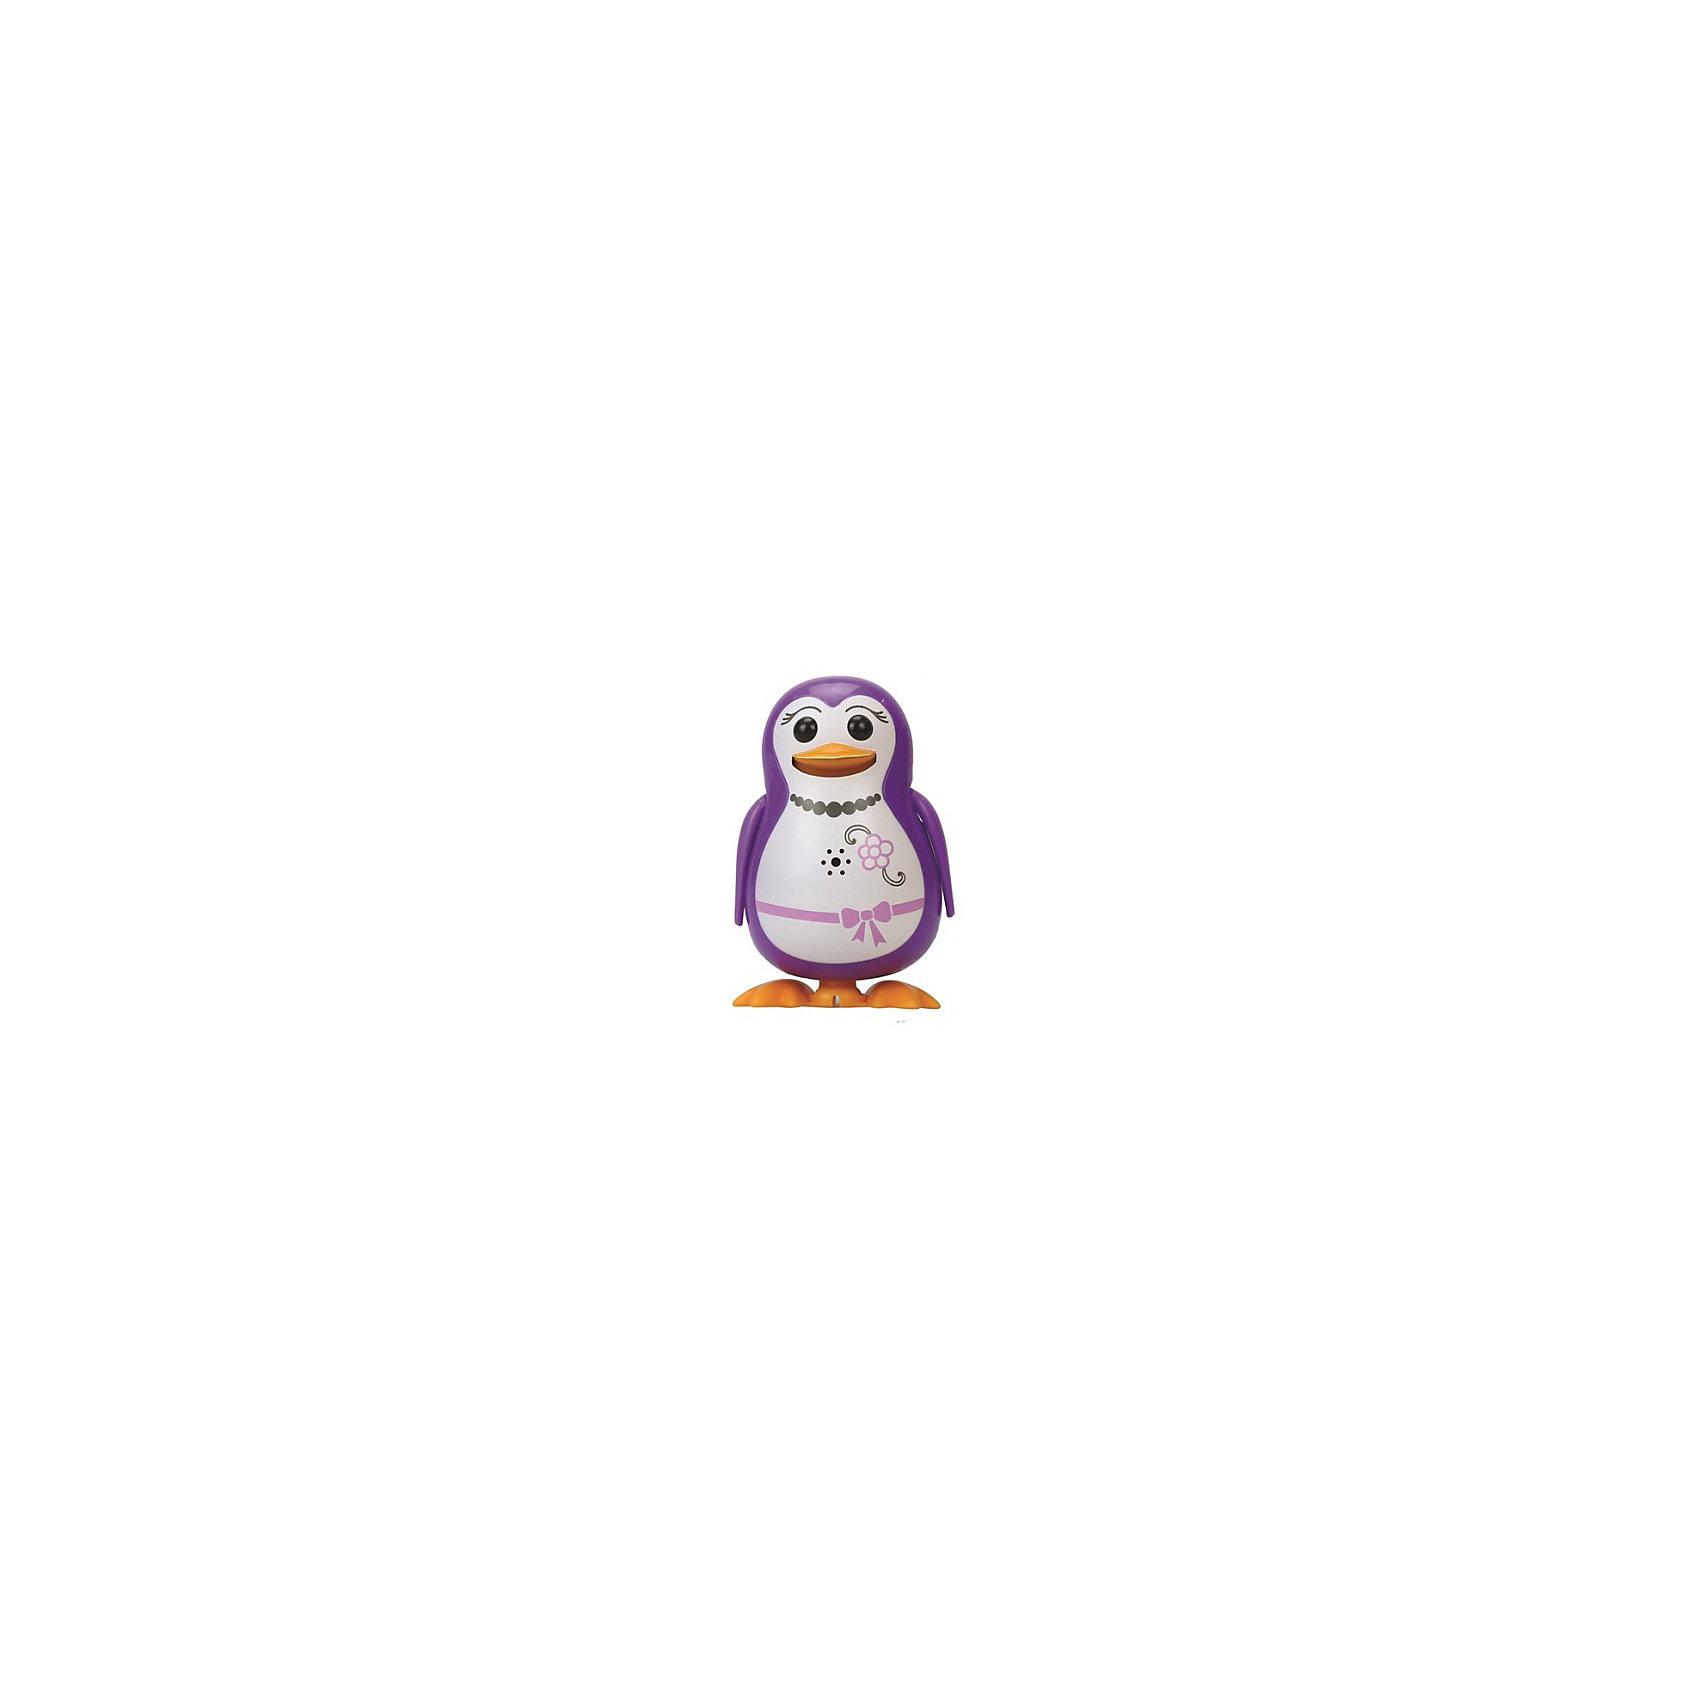 Silverlit Поющий пингвин с кольцом, фиолетовый, DigiBirds silverlit пингвин с кольцом фиолетовый художник